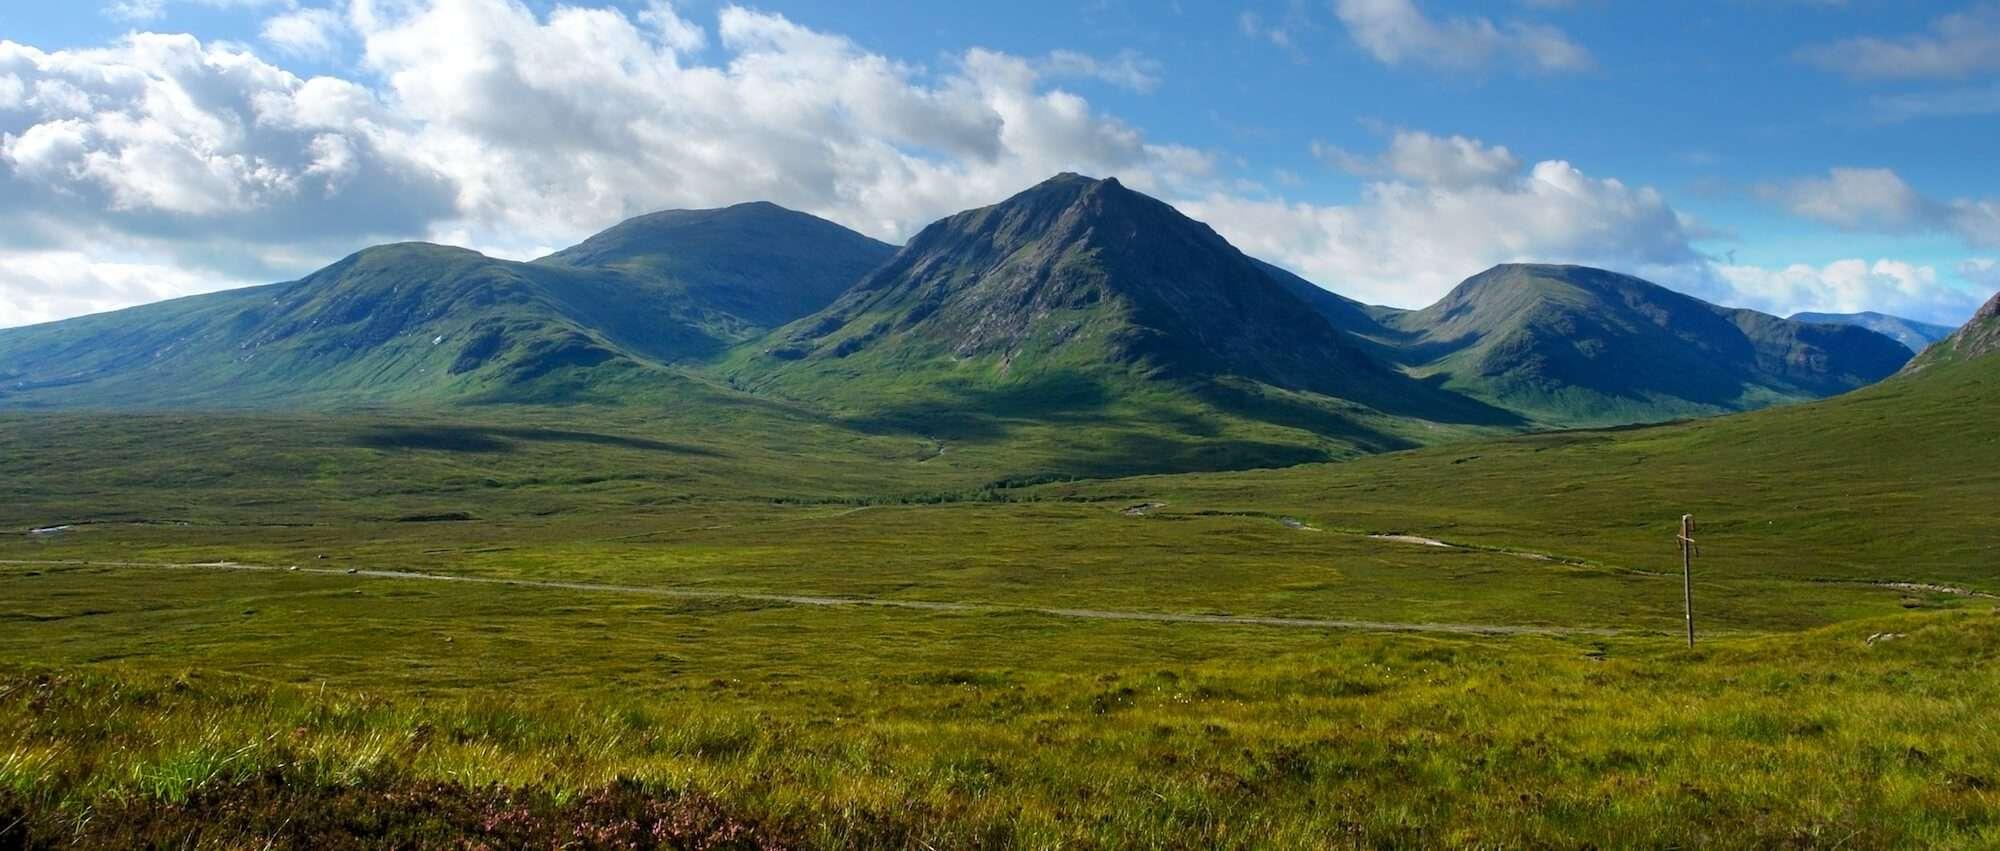 West Highland Way walking holidays